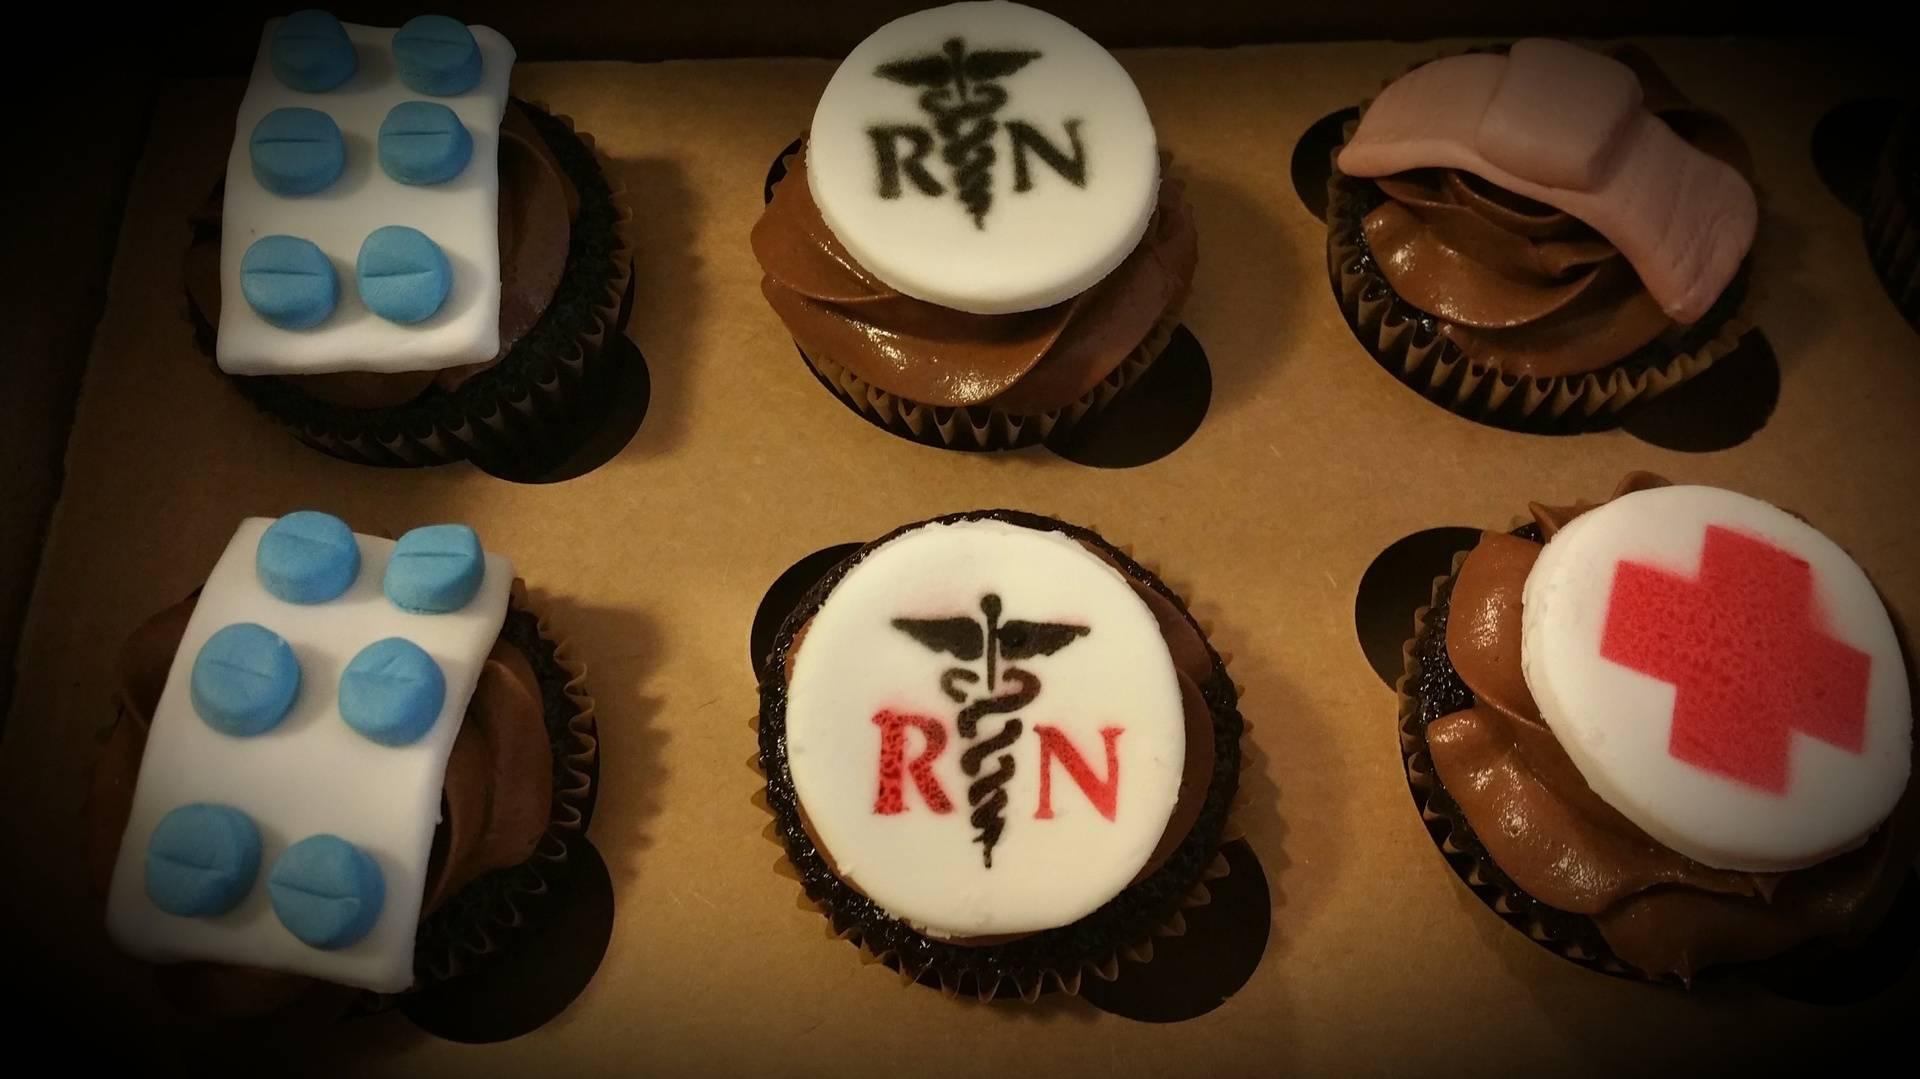 RN/Medical Cupcakes